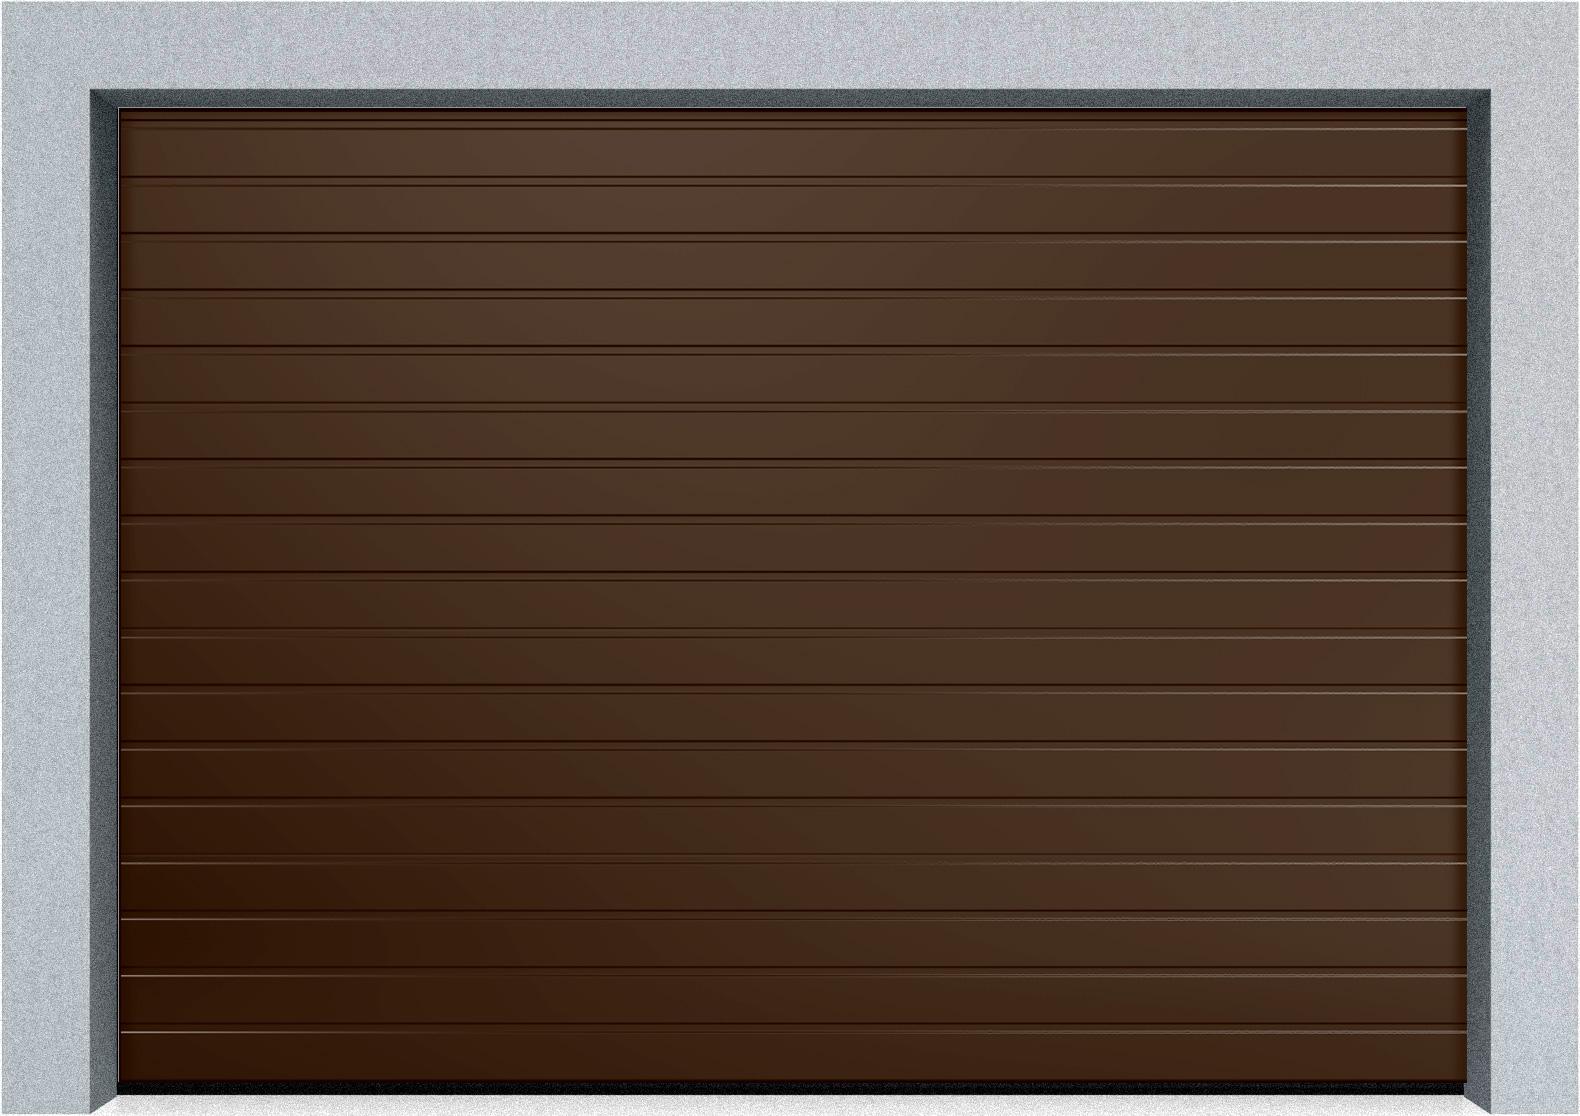 Секционные промышленные ворота Alutech ProTrend 2875х2375 S-гофр, Микроволна стандартные цвета, фото 2